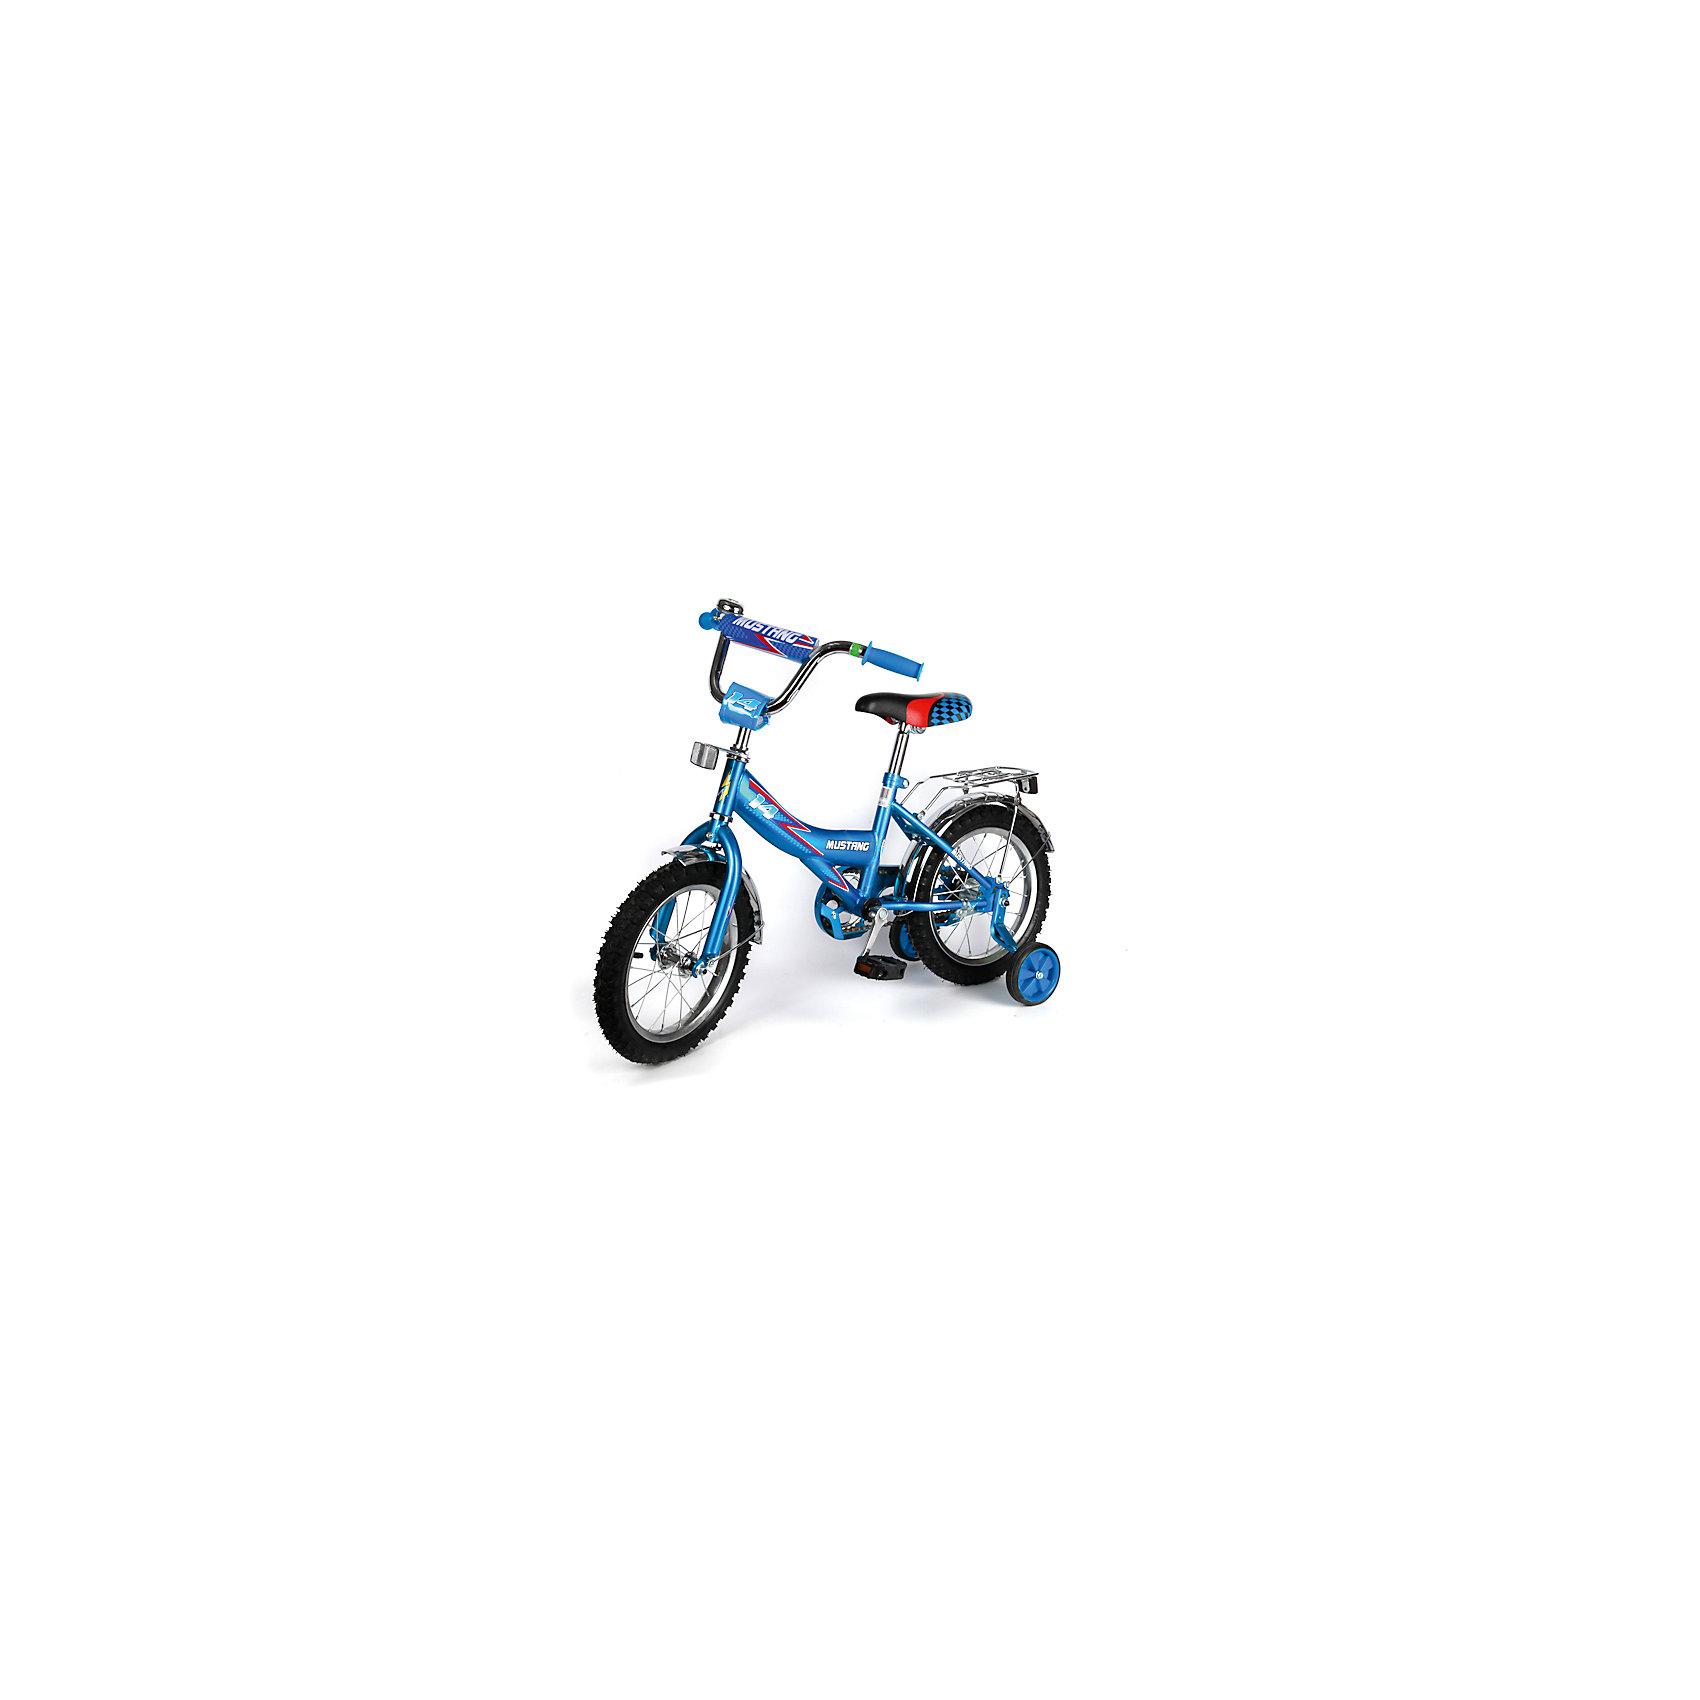 """Детский велосипед,  14"""",  синий, MustangВелосипед детский «Mustang» 14"""", низкая Push-рама, 1 скорость, задний ножной тормоз, регулируемый хромированный руль BMX с защитной накладкой, багажник и звонок, приставные пластиковые колеса с усиленным кронштейном, полная защита цепи """"P"""" типа, усиленые хром крылья, ограничитель поворота руля,  синий.<br><br>Ширина мм: 500<br>Глубина мм: 680<br>Высота мм: 1000<br>Вес г: 10500<br>Возраст от месяцев: 36<br>Возраст до месяцев: 72<br>Пол: Мужской<br>Возраст: Детский<br>SKU: 5526383"""